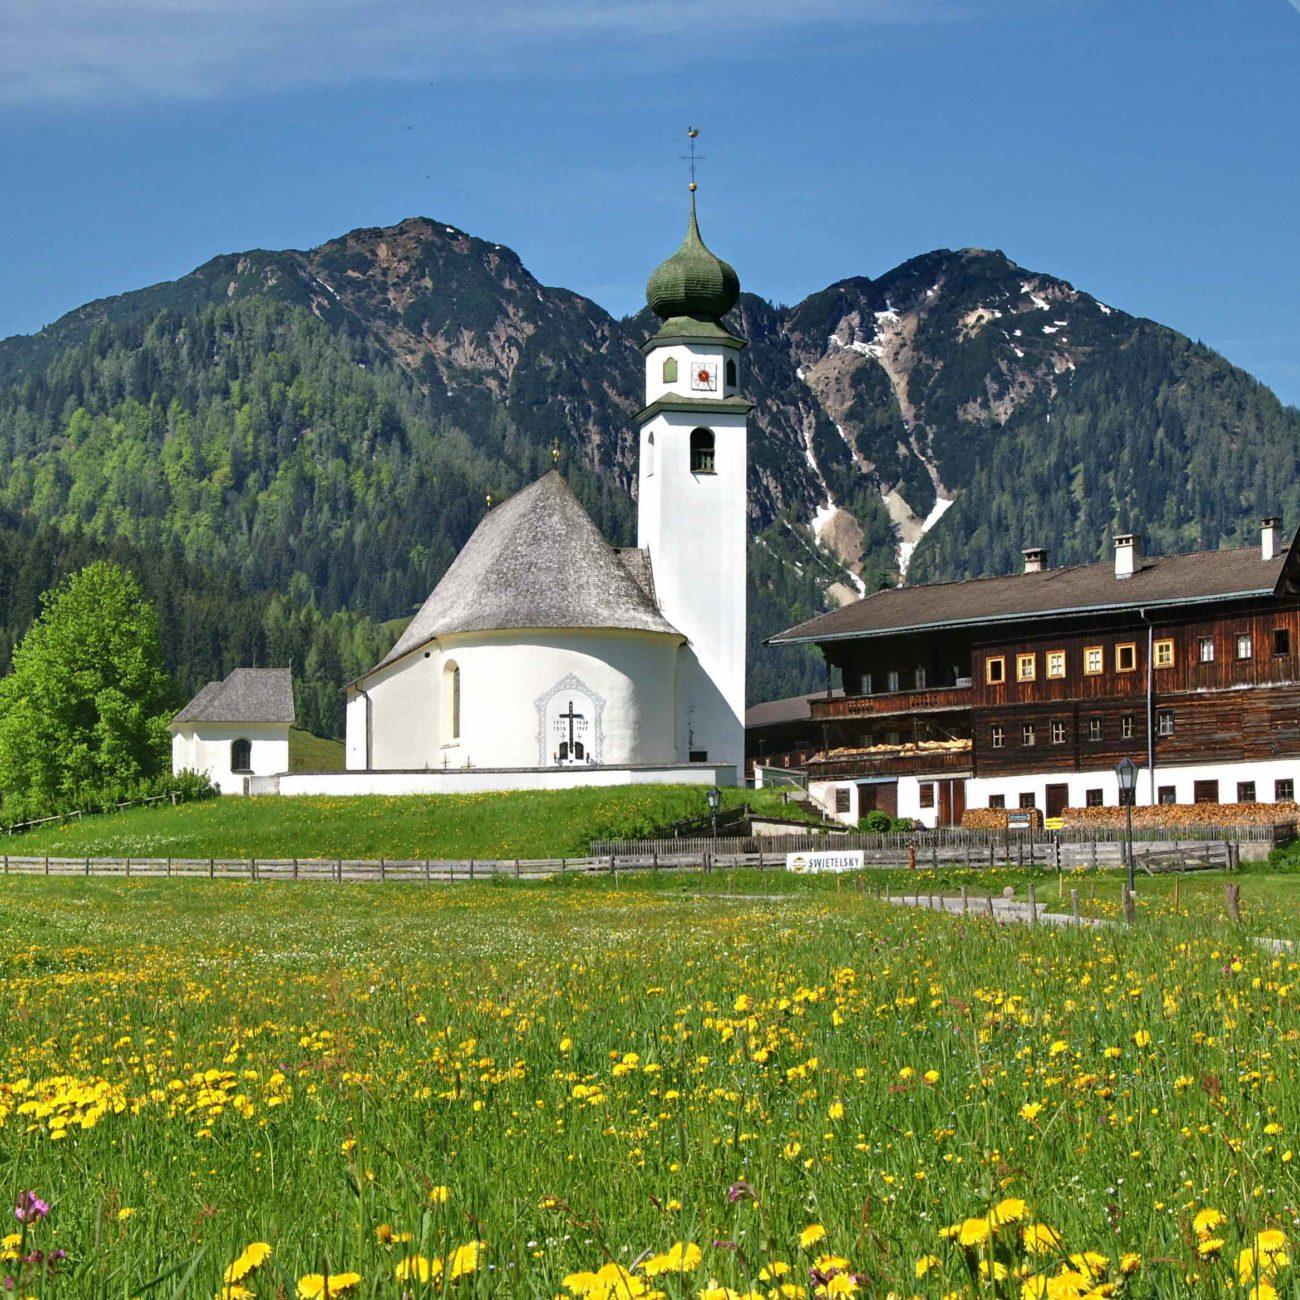 Een typisch Oostenrijks landschap met bloemenweide, kerkje en bergen.